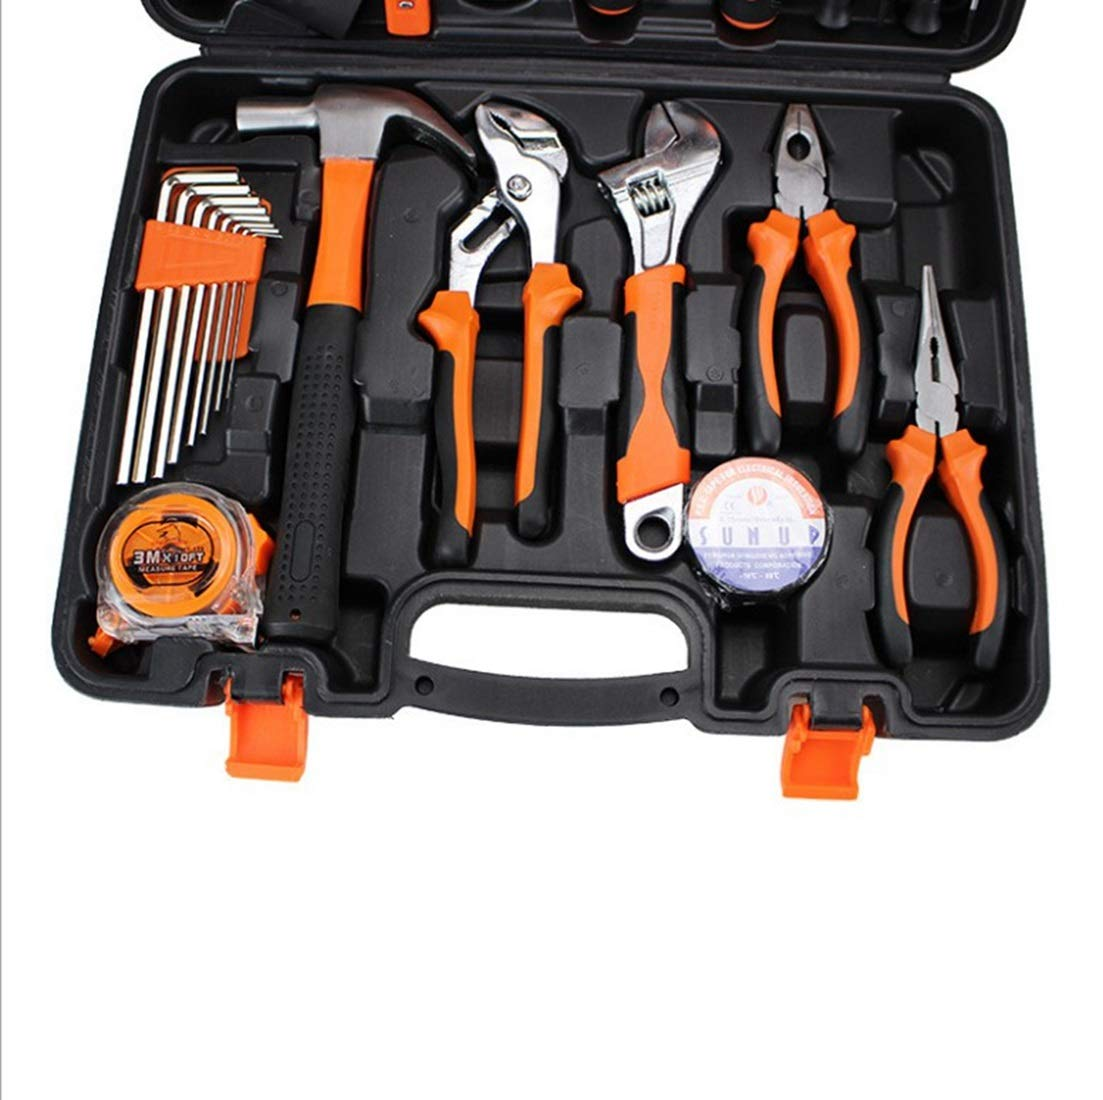 Juego de herramientas herramientas herramientas de mano para el hogar Caja de herramientas de reparación de hardware Electricista Juego de carpintería (Color : Naranja) 6f1520